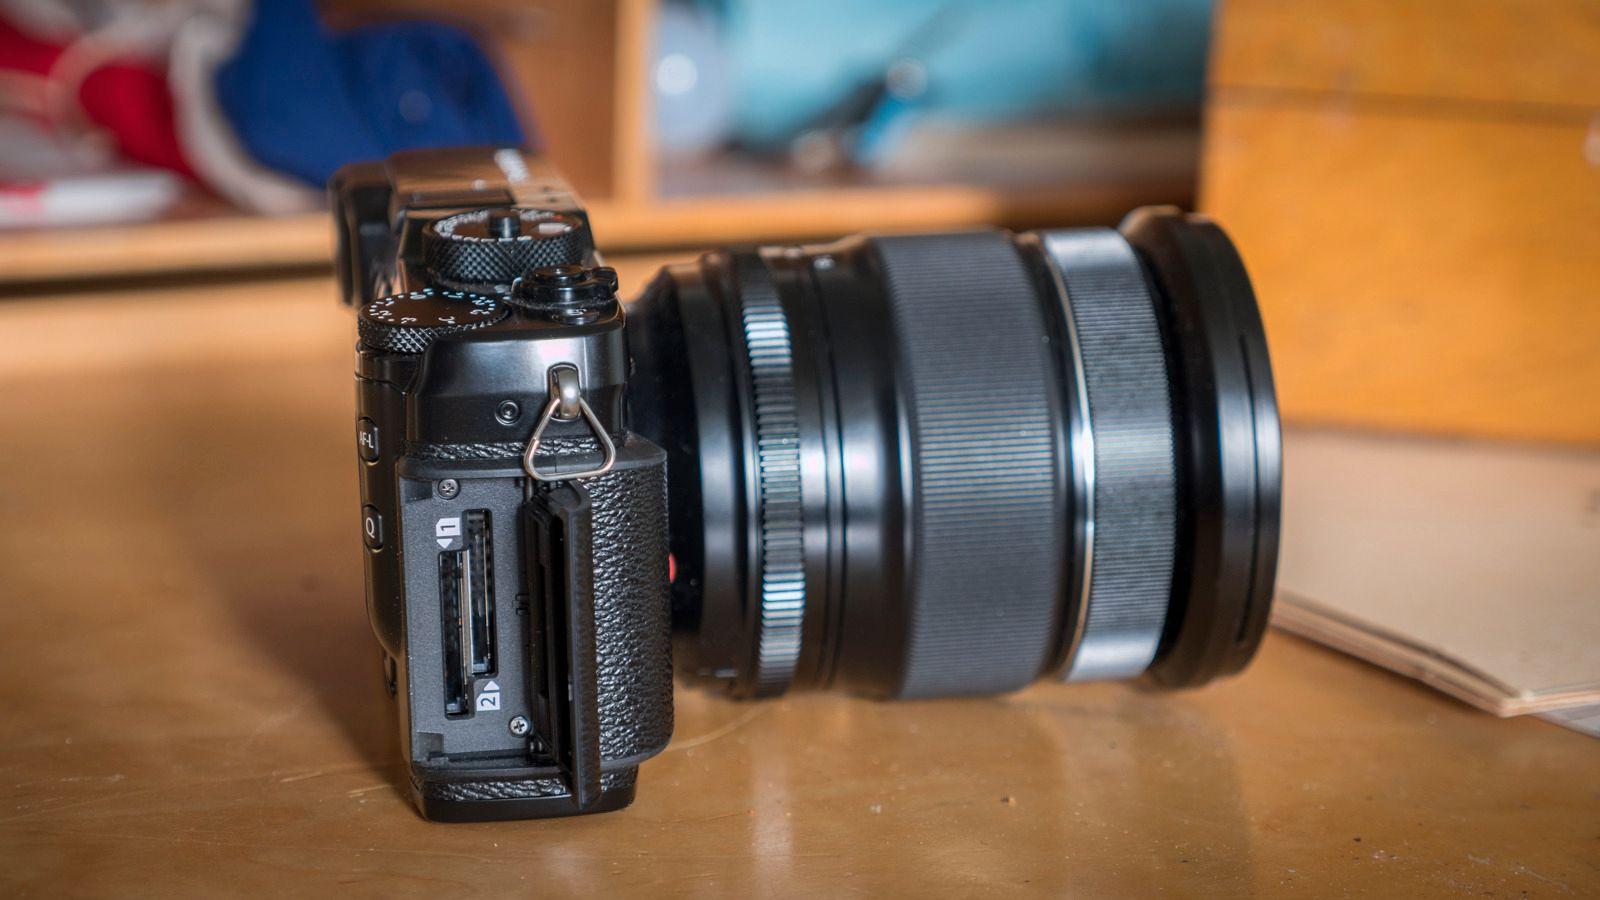 Kameraet er utstyrt med to minnekortbrønner, og vi kan velge om vi vil ta dobbelt opp på begge for backup, fortsette på nr. 2 for økt kapasitet eller lagre RAW på det ene og JPEG på det andre. Det siste kan være veldig nyttig hvis du eller de du jobber for trenger bilder fortløpende, for eksempel hvis du er fotograf på en musikkfestival som har lyst å dele bilder på sosiale medier underveis. Ta de bildene du trenger, løp opp til kommunikasjonsansvarlig med JPEG-minnekortet, og spring tilbake og fortsett fotograferingen. Du beholder alle dine RAW-filer til senere fremkalling, og trenger ikke tenke på at noen som ikke kan bildebehandling klusser det til, hverken for deg eller seg selv.